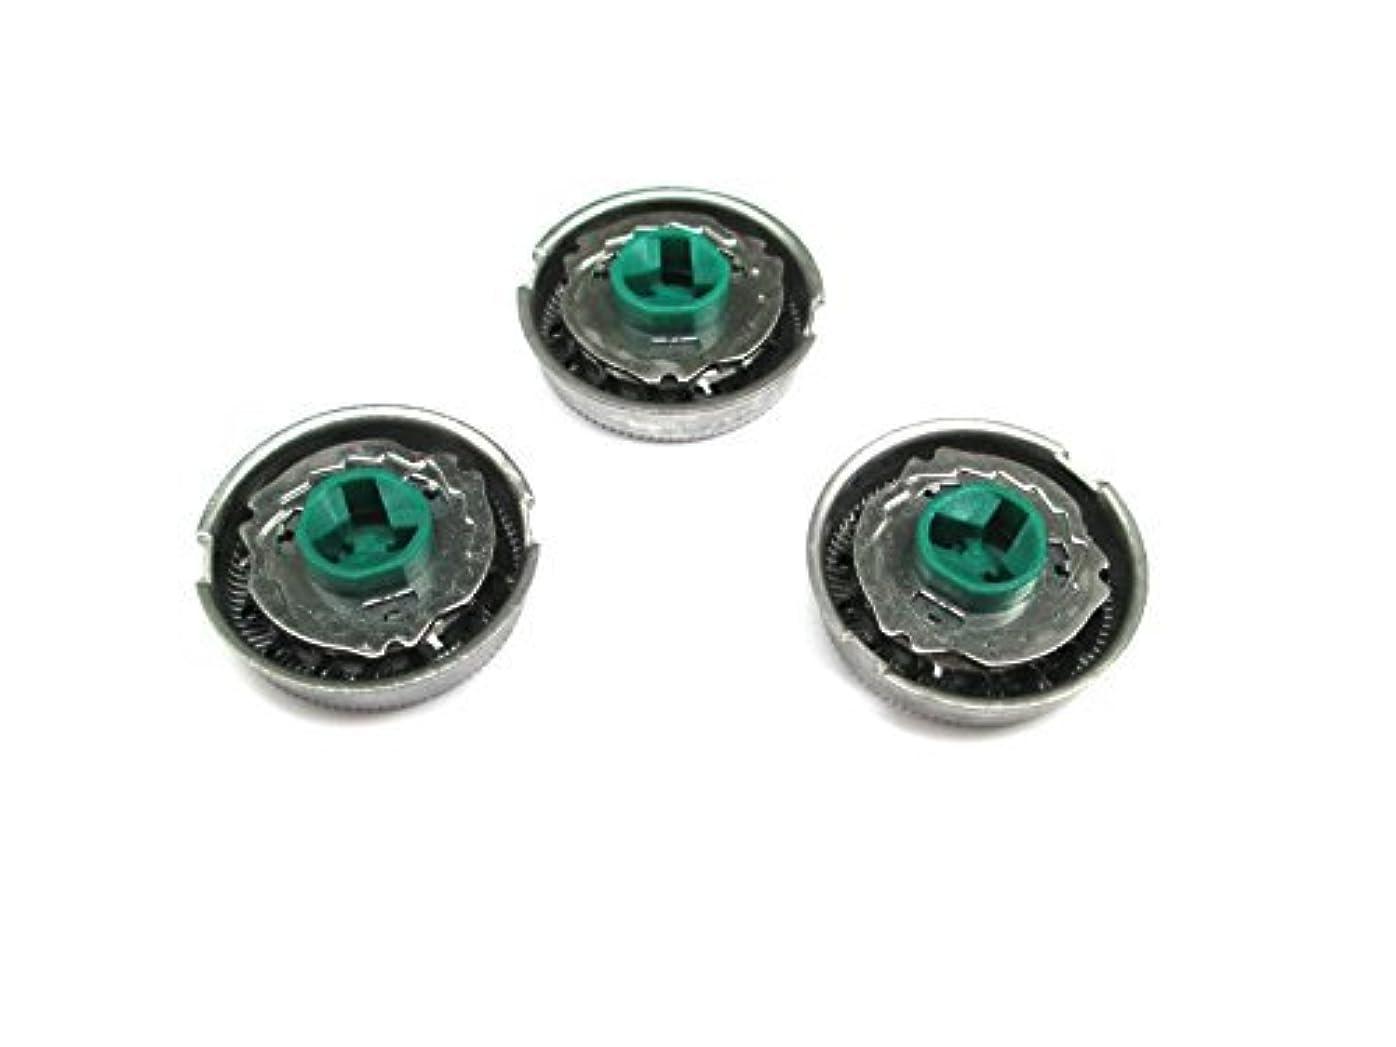 初心者傑出した考えるSet of 3 Replacement Shaver Heads for Replacing Philips Norelco HQ64 HQ54 HQ5705 HQ6070 HQ6073 7310XL PT710 [並行輸入品]